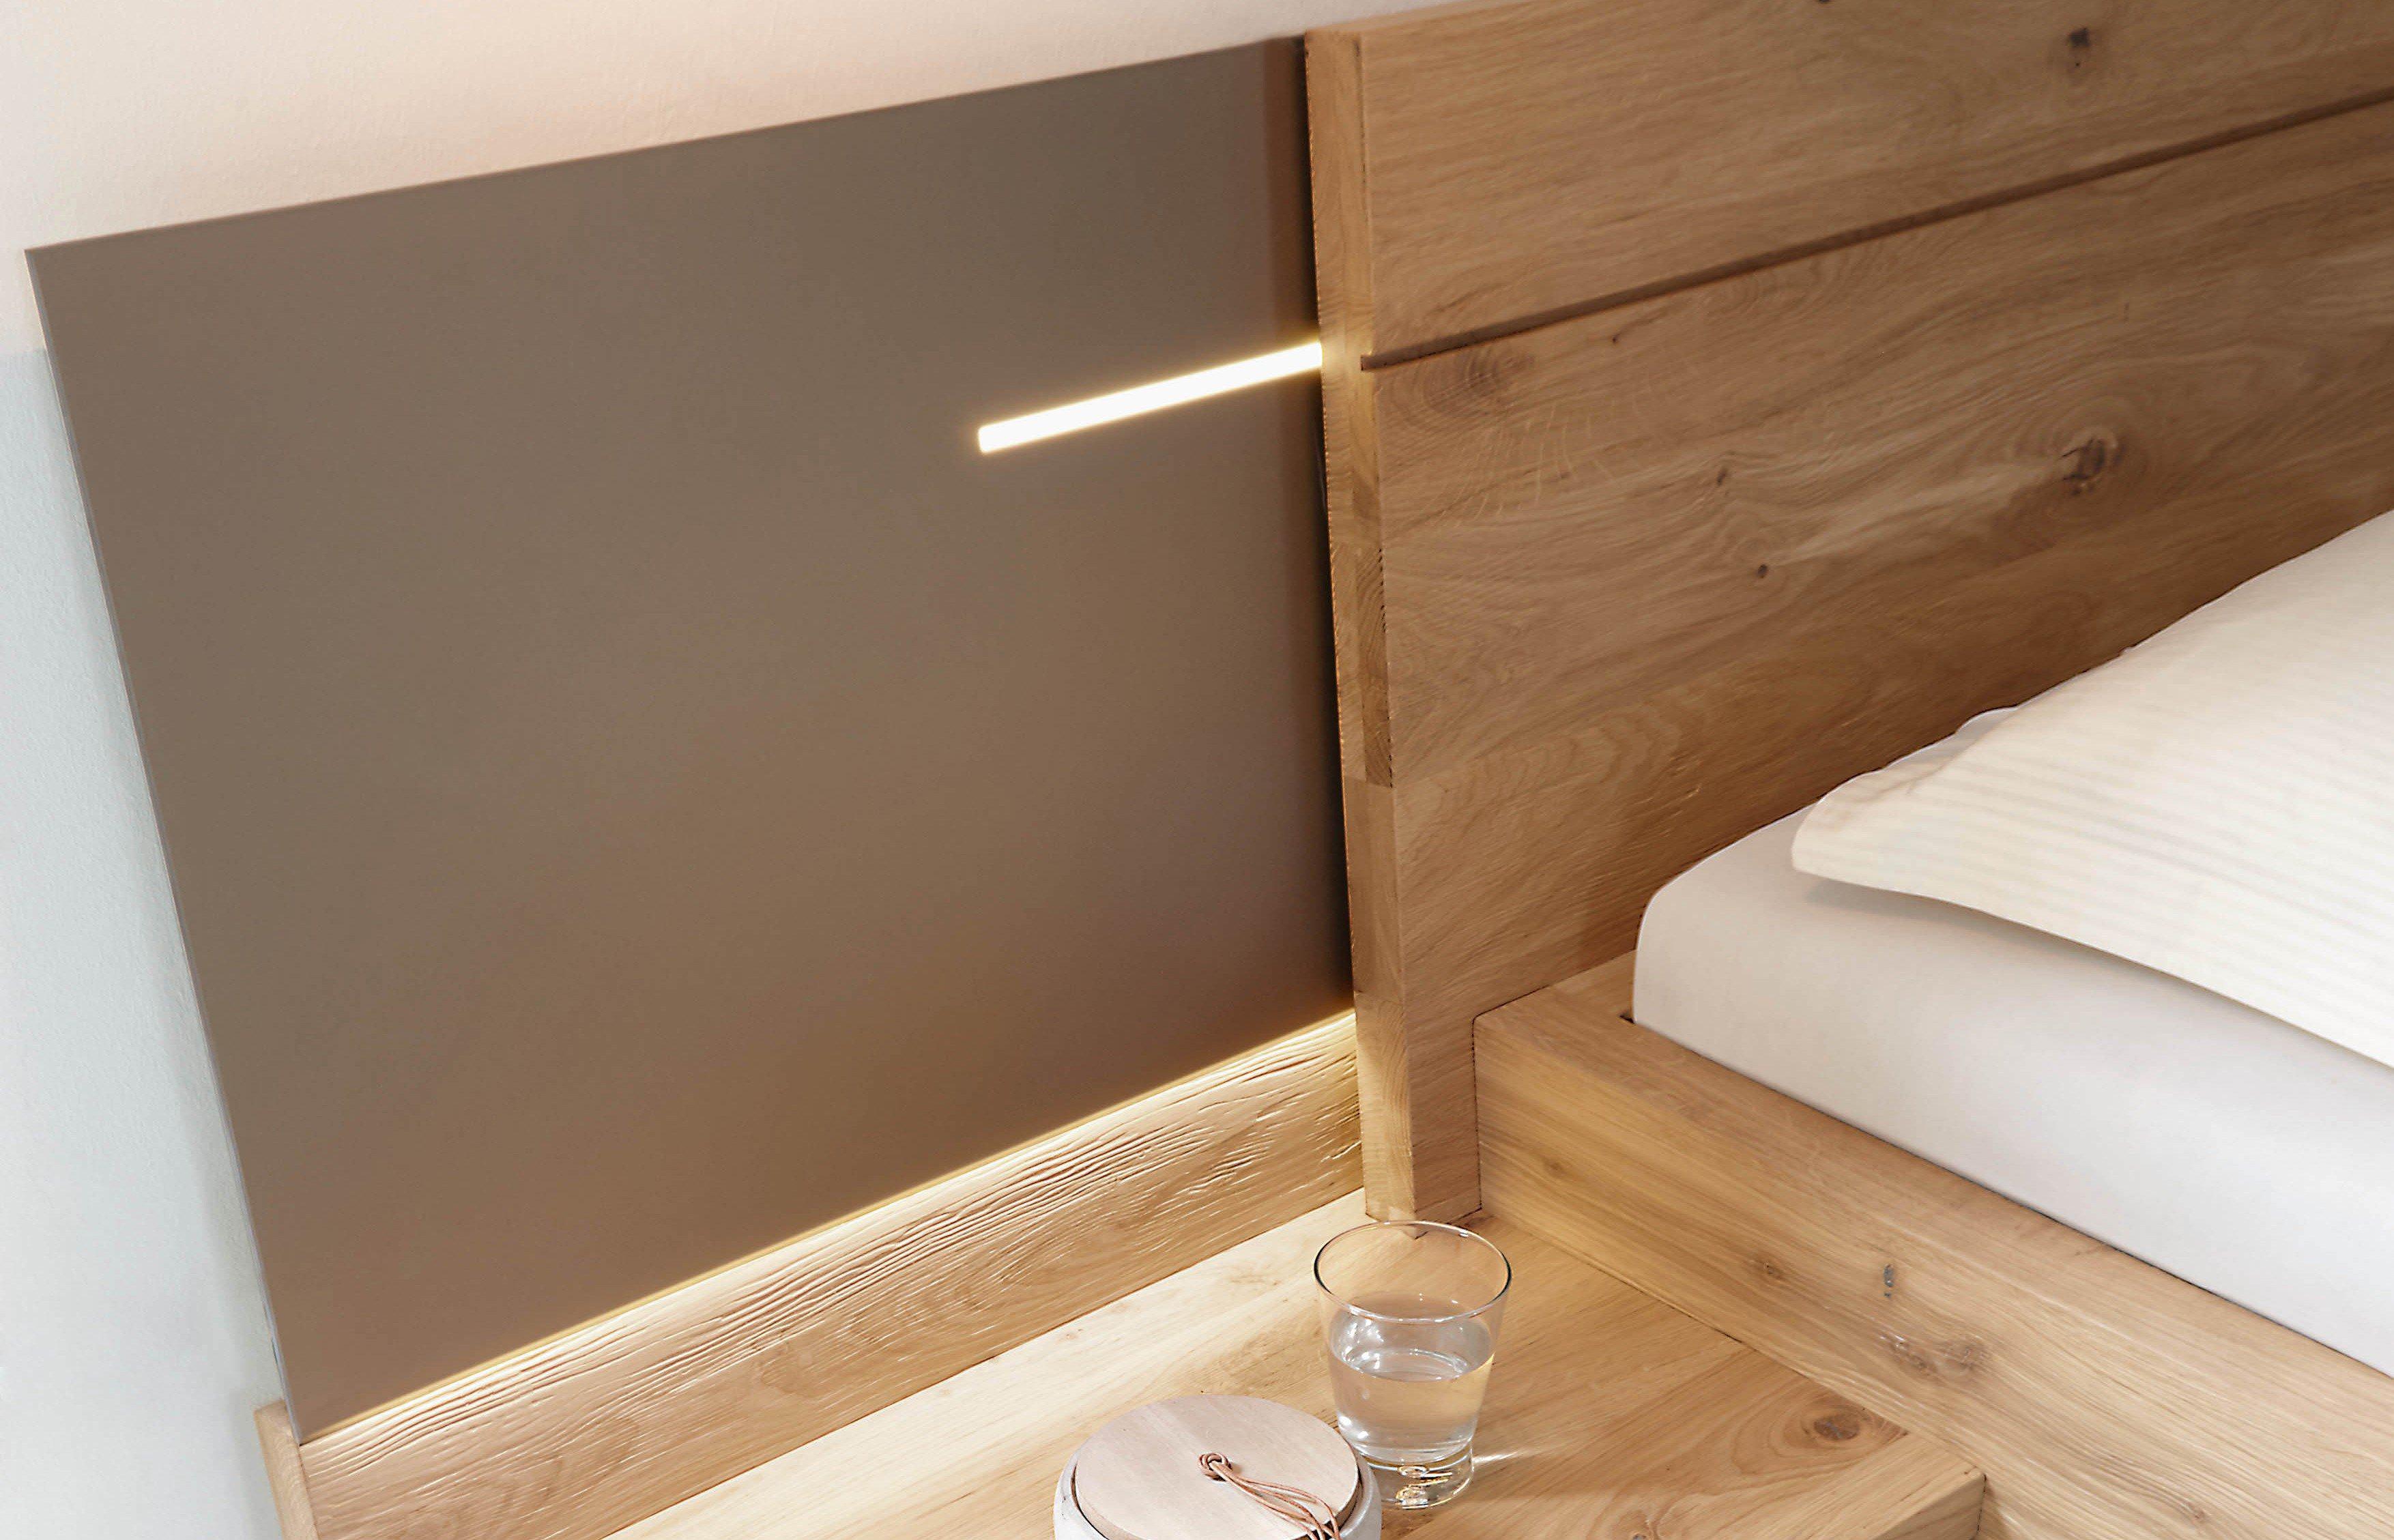 cubo von thielemeyer schlafzimmer wildeiche parsolglas